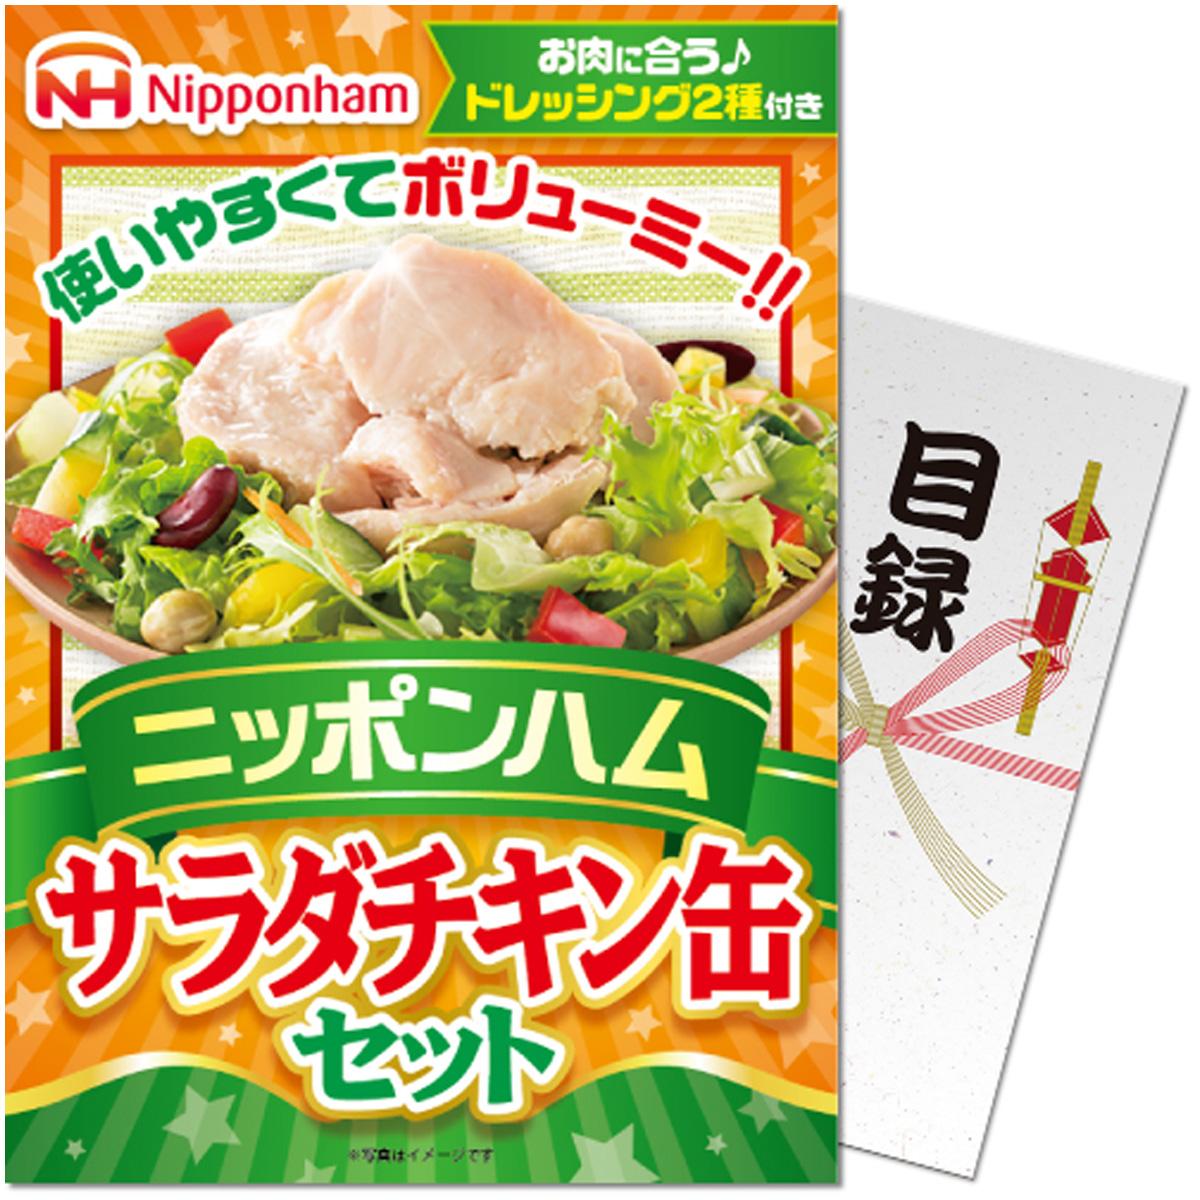 パネもく!ニッポンハム サラダチキン缶セット 目録 A4パネル付き